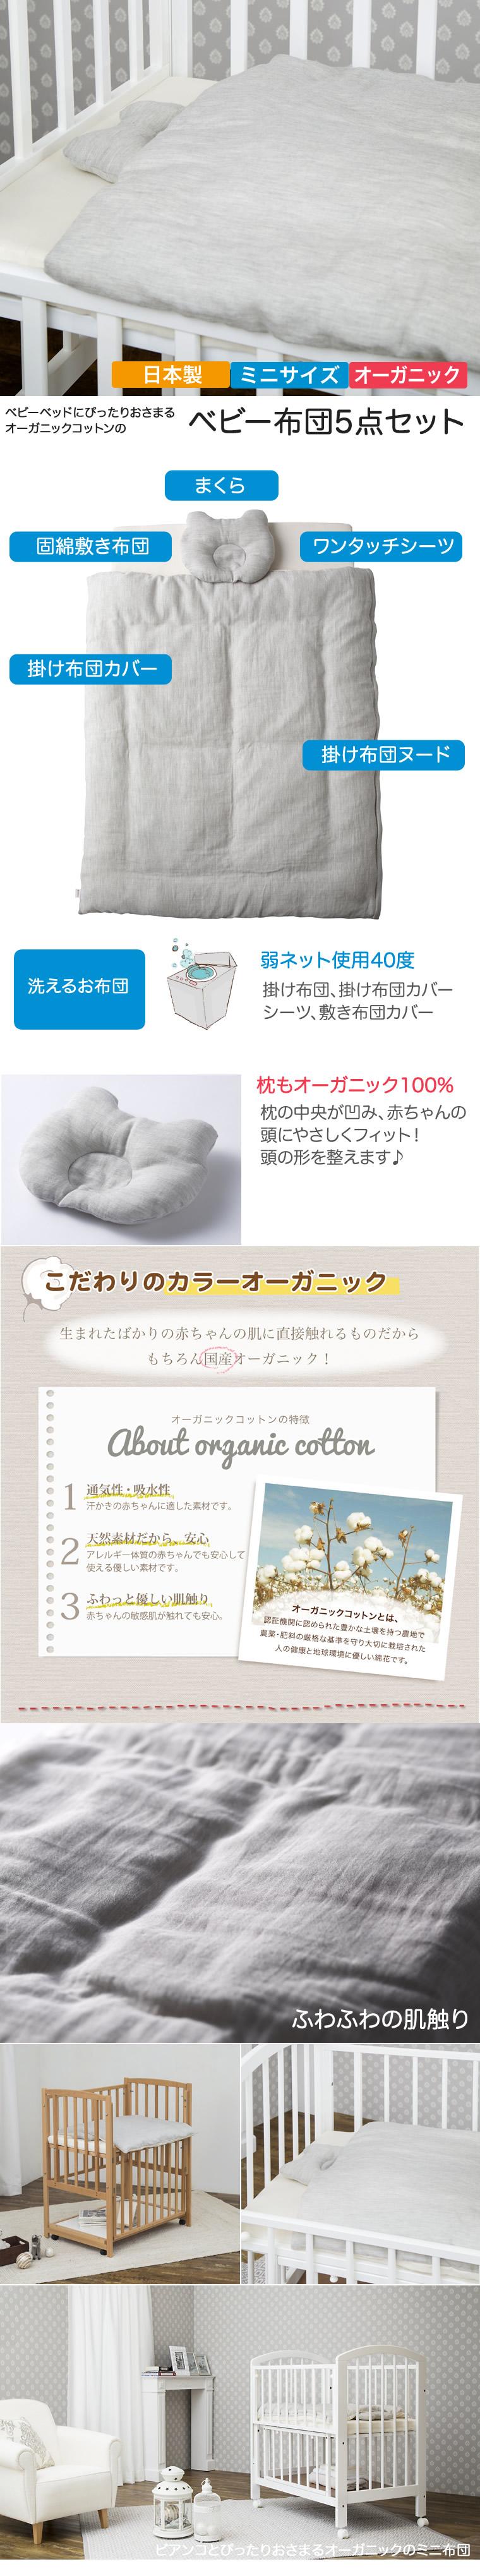 オーガニックのぴったりおさまる日本製ミニお布団